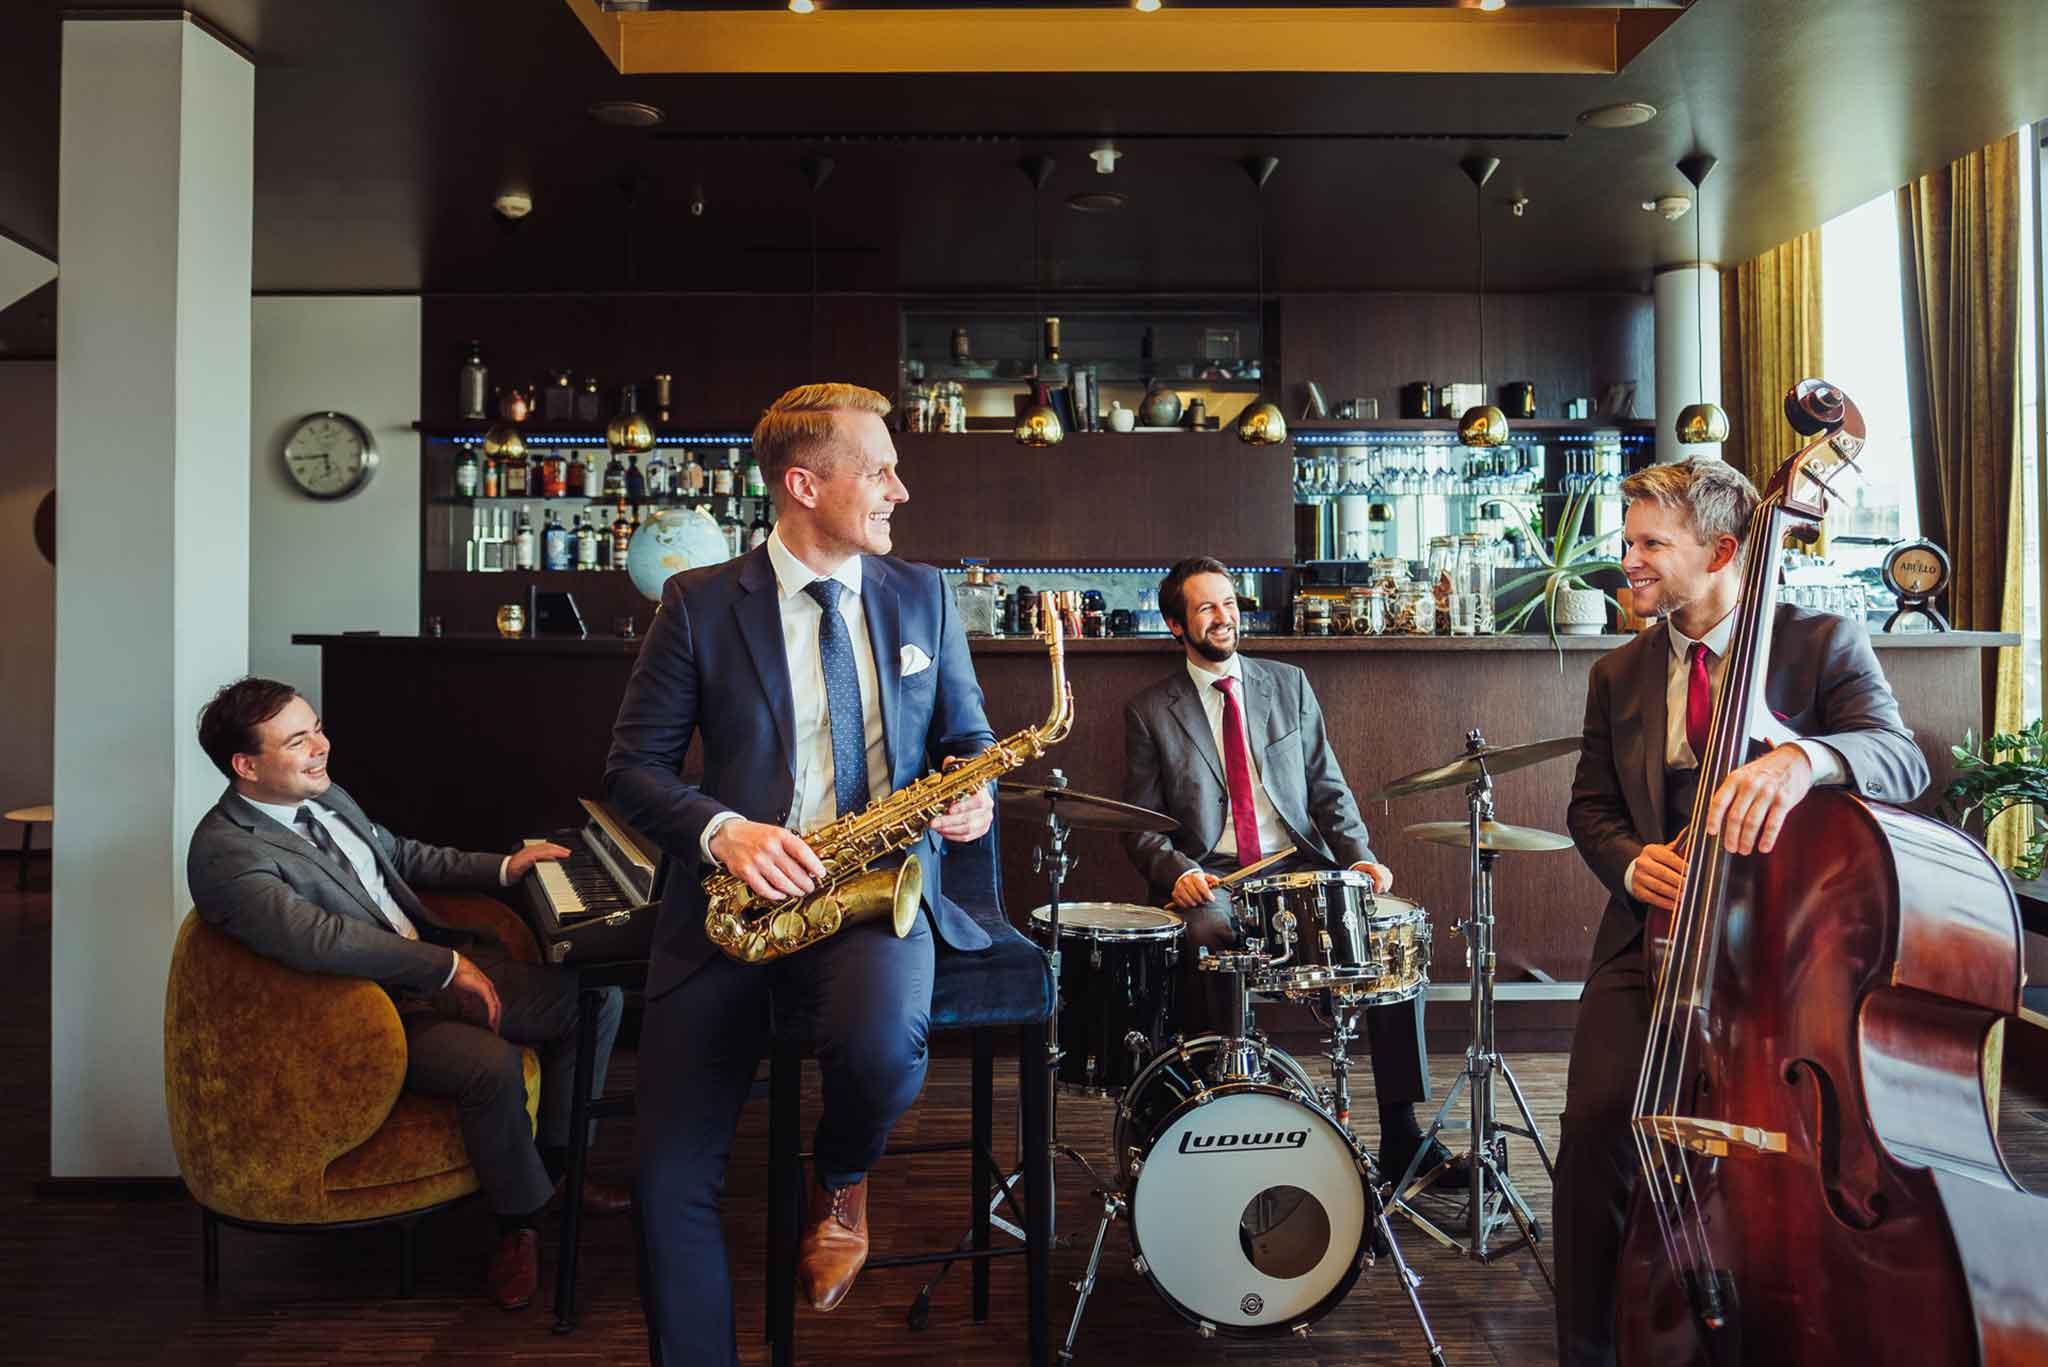 Die Liveband Swing Department spielt Jazz, Pop und Soul